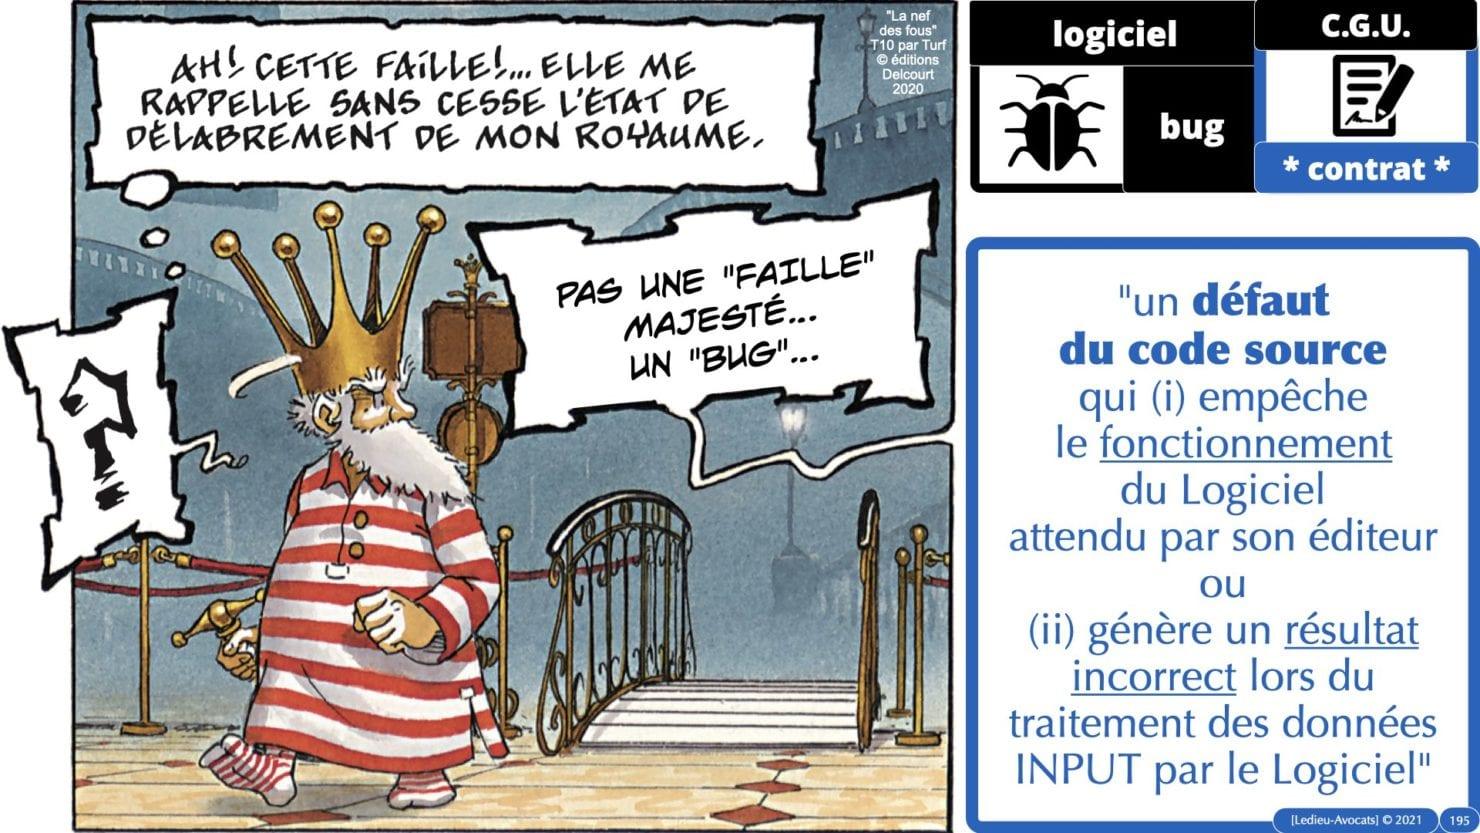 333 CYBER ATTAQUE responsabilité pénale civile contrat © Ledieu-Avocats 23-05-2021.195